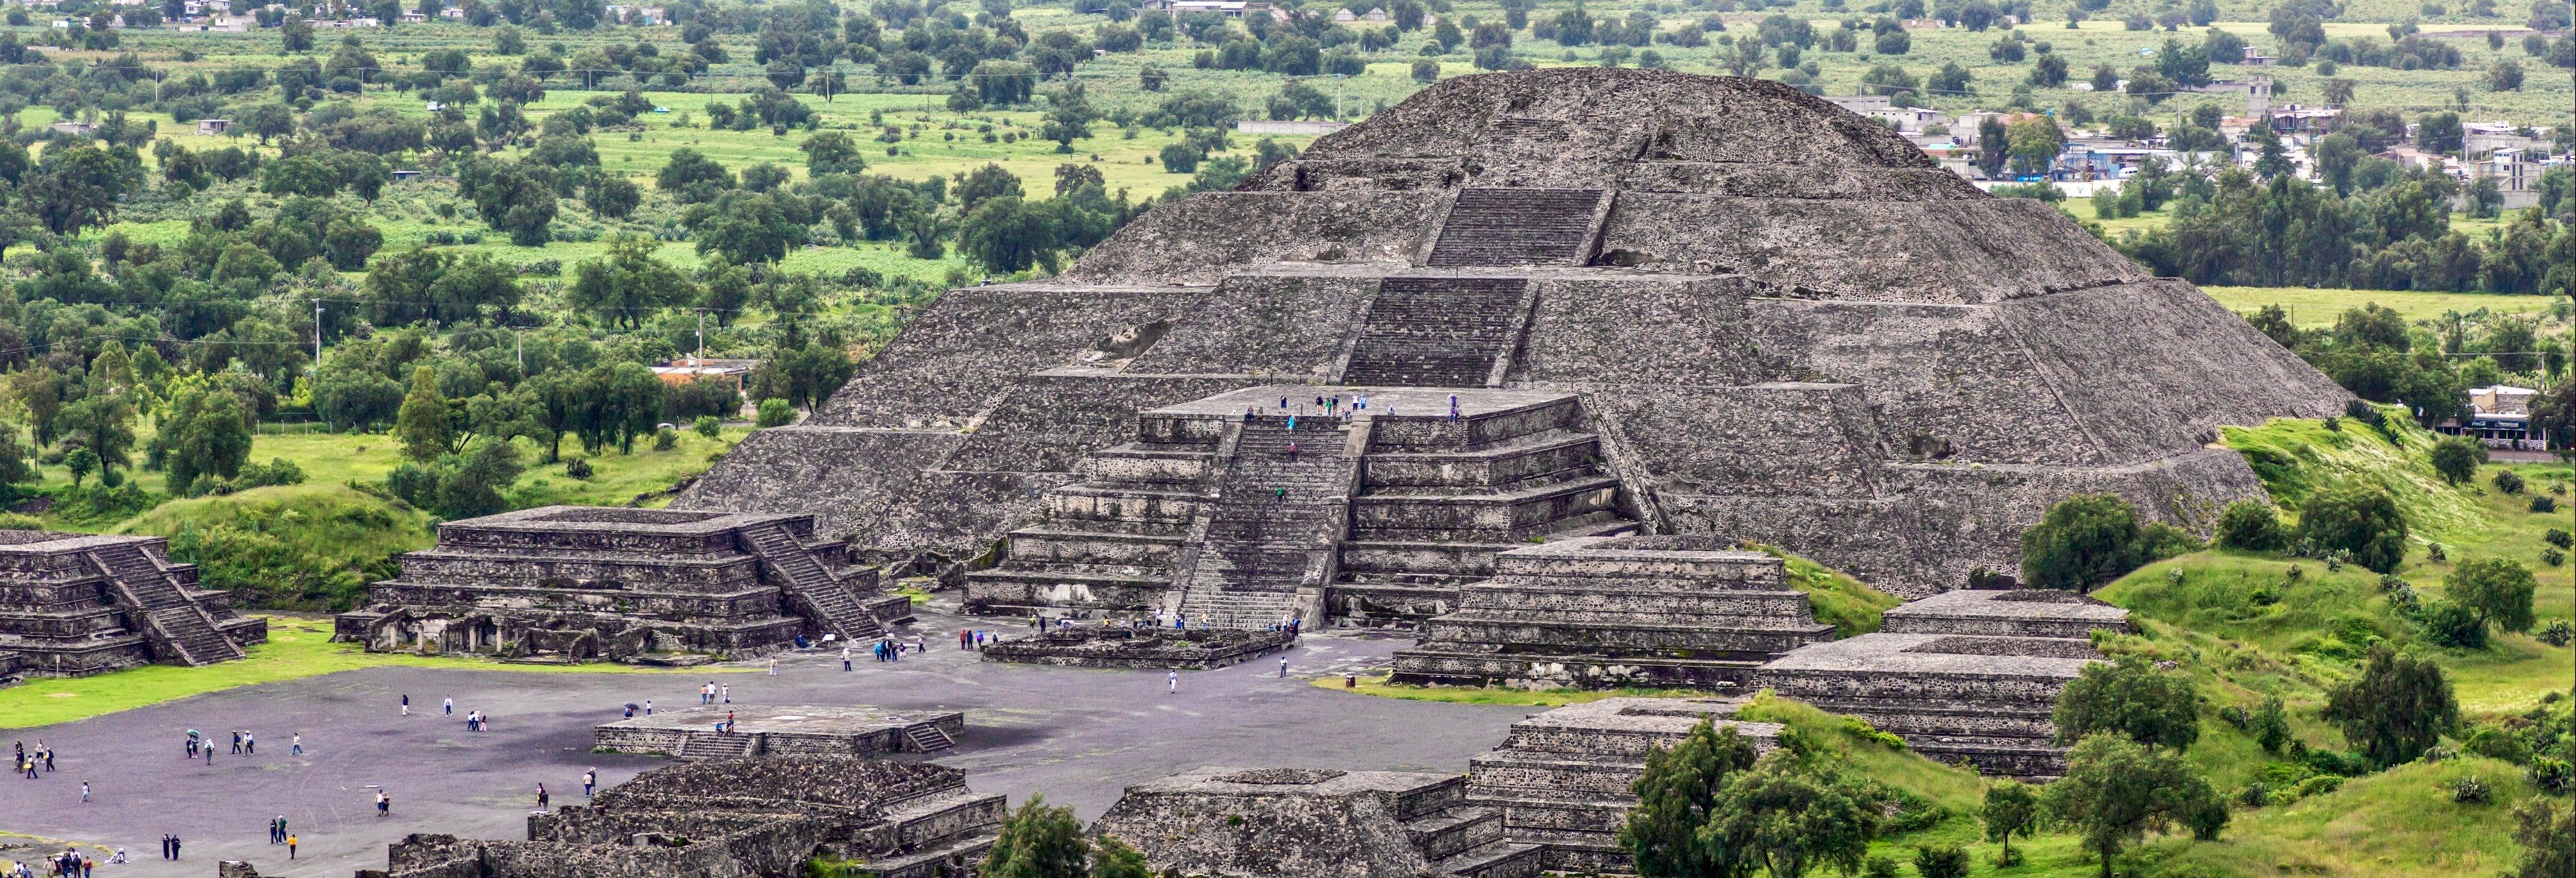 Visita guiada por Teotihuacán